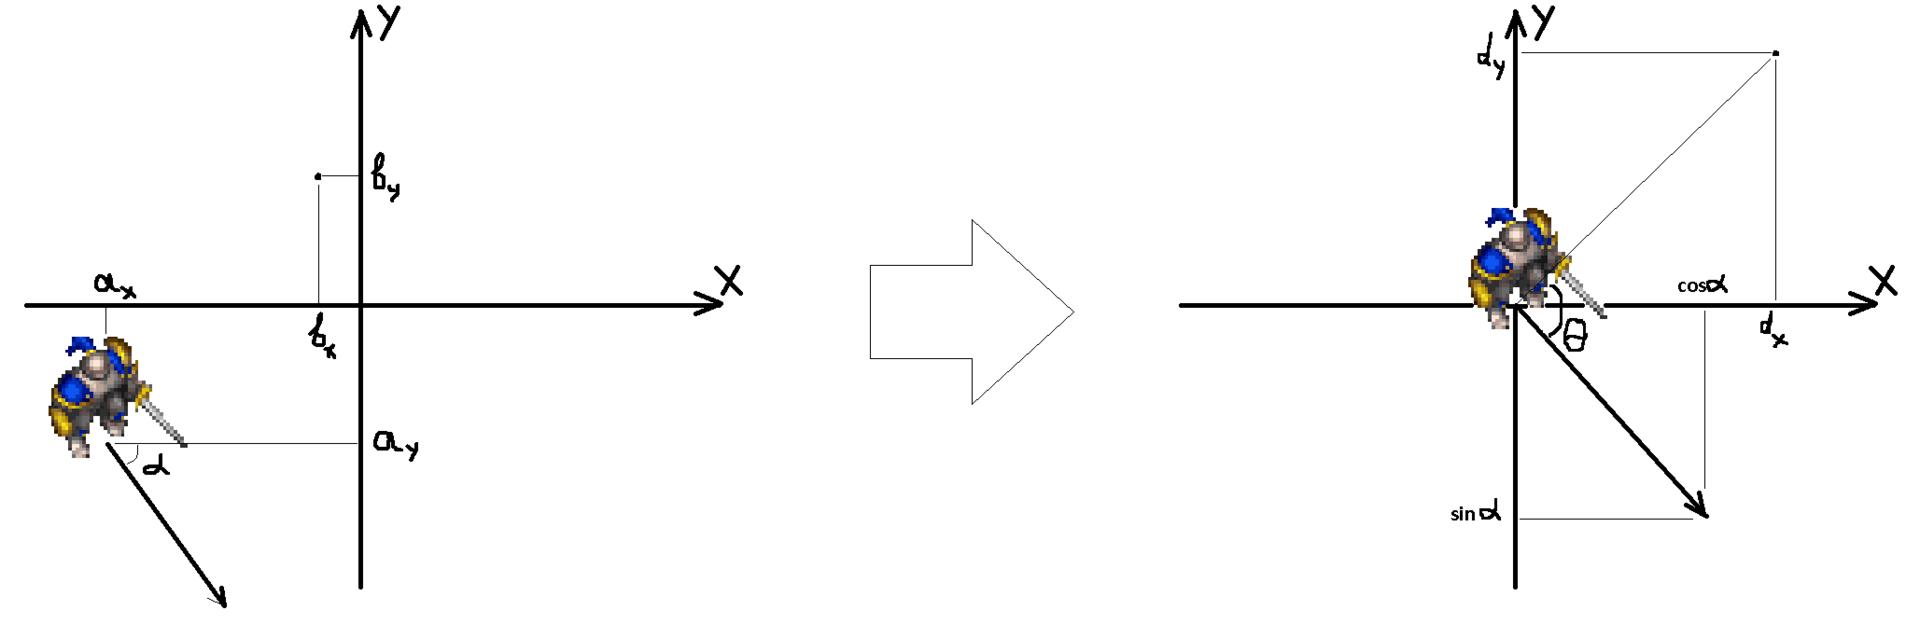 Создание несложного бота для WoW, программирование маршрутов (продолжение)